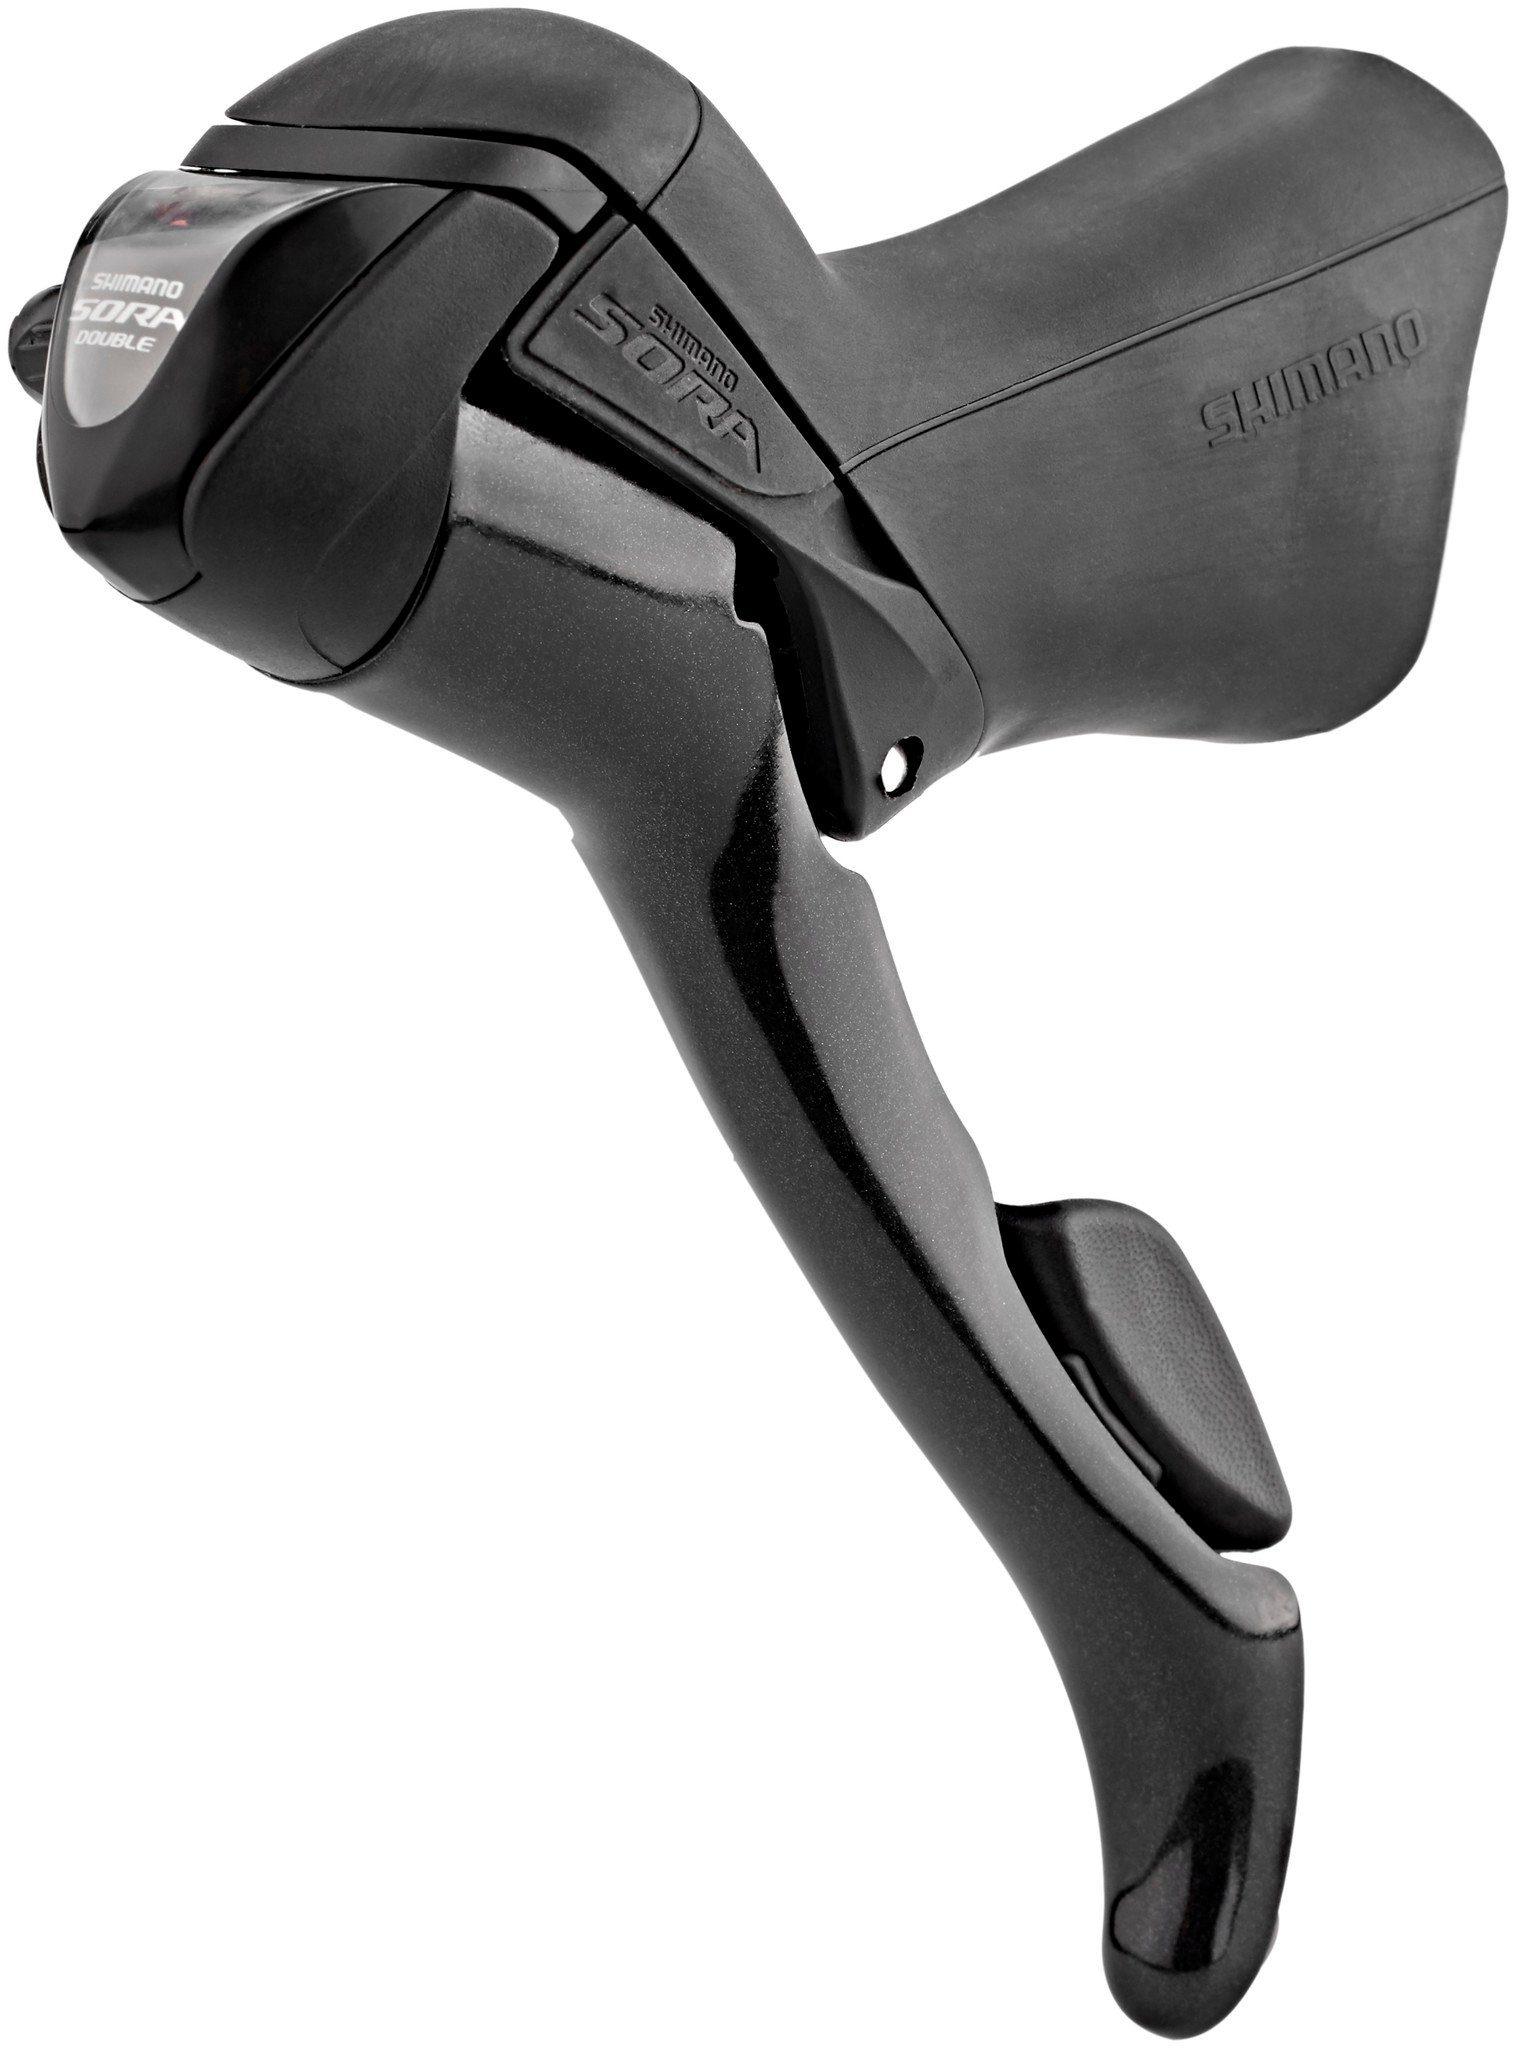 Shimano Bremshebel »Sora ST-3500 Schalt-/Bremshebel 2-fach 1700mm«